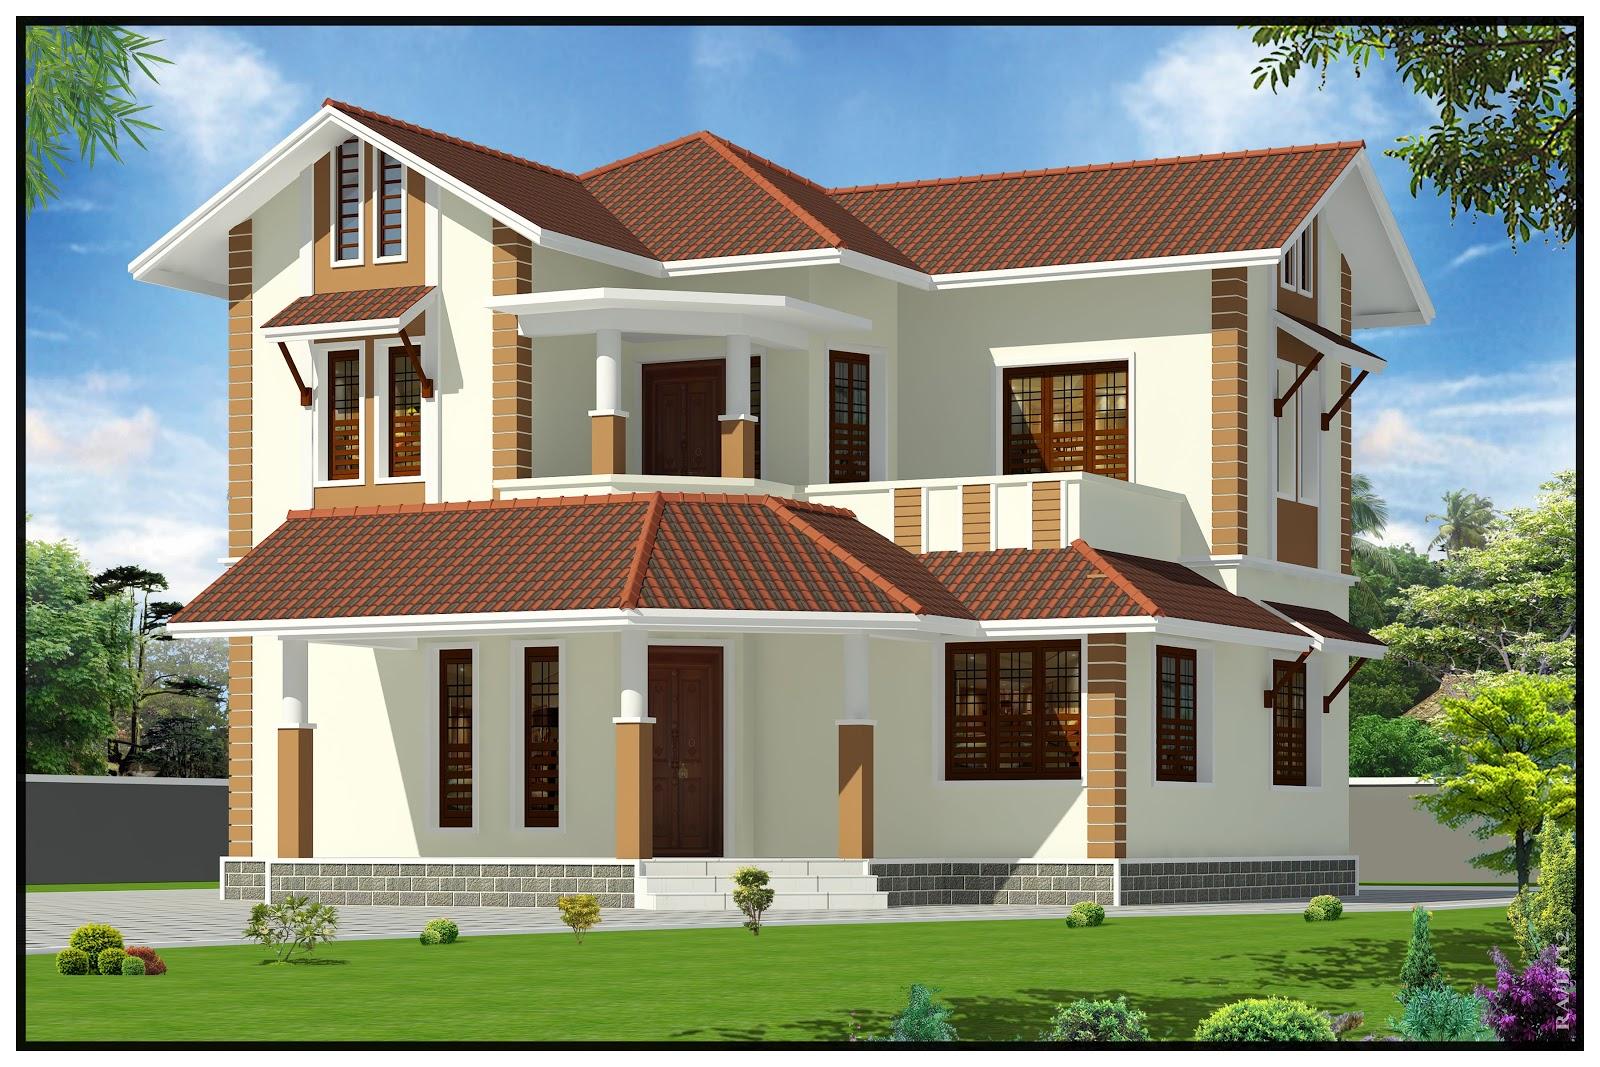 Indian home design 1640sqft 4bedrooms engineering dairy